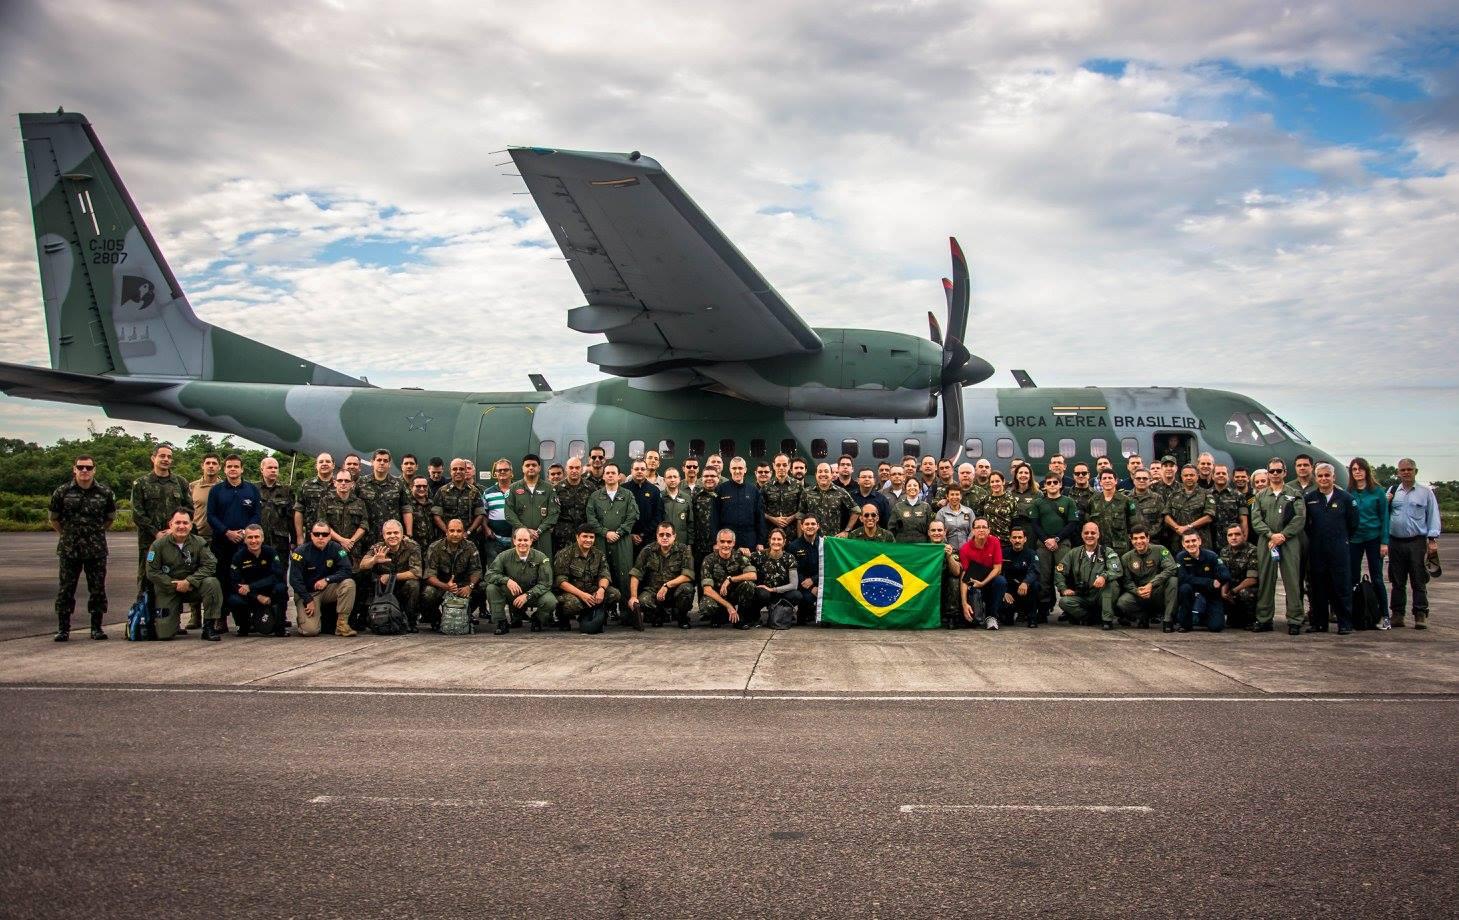 Estagiários do Curso Superior de Defesa realizam viagem de estudos ao Amazonas